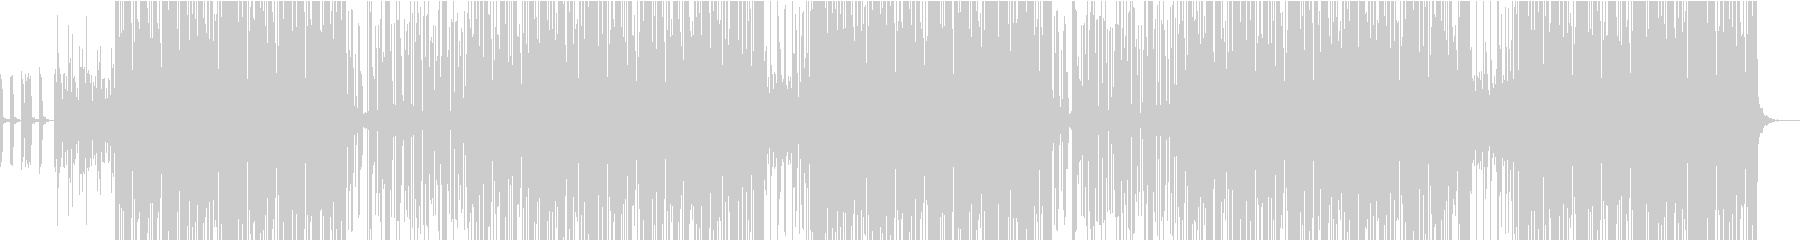 明るい雰囲気のエレクトロの未再生の波形